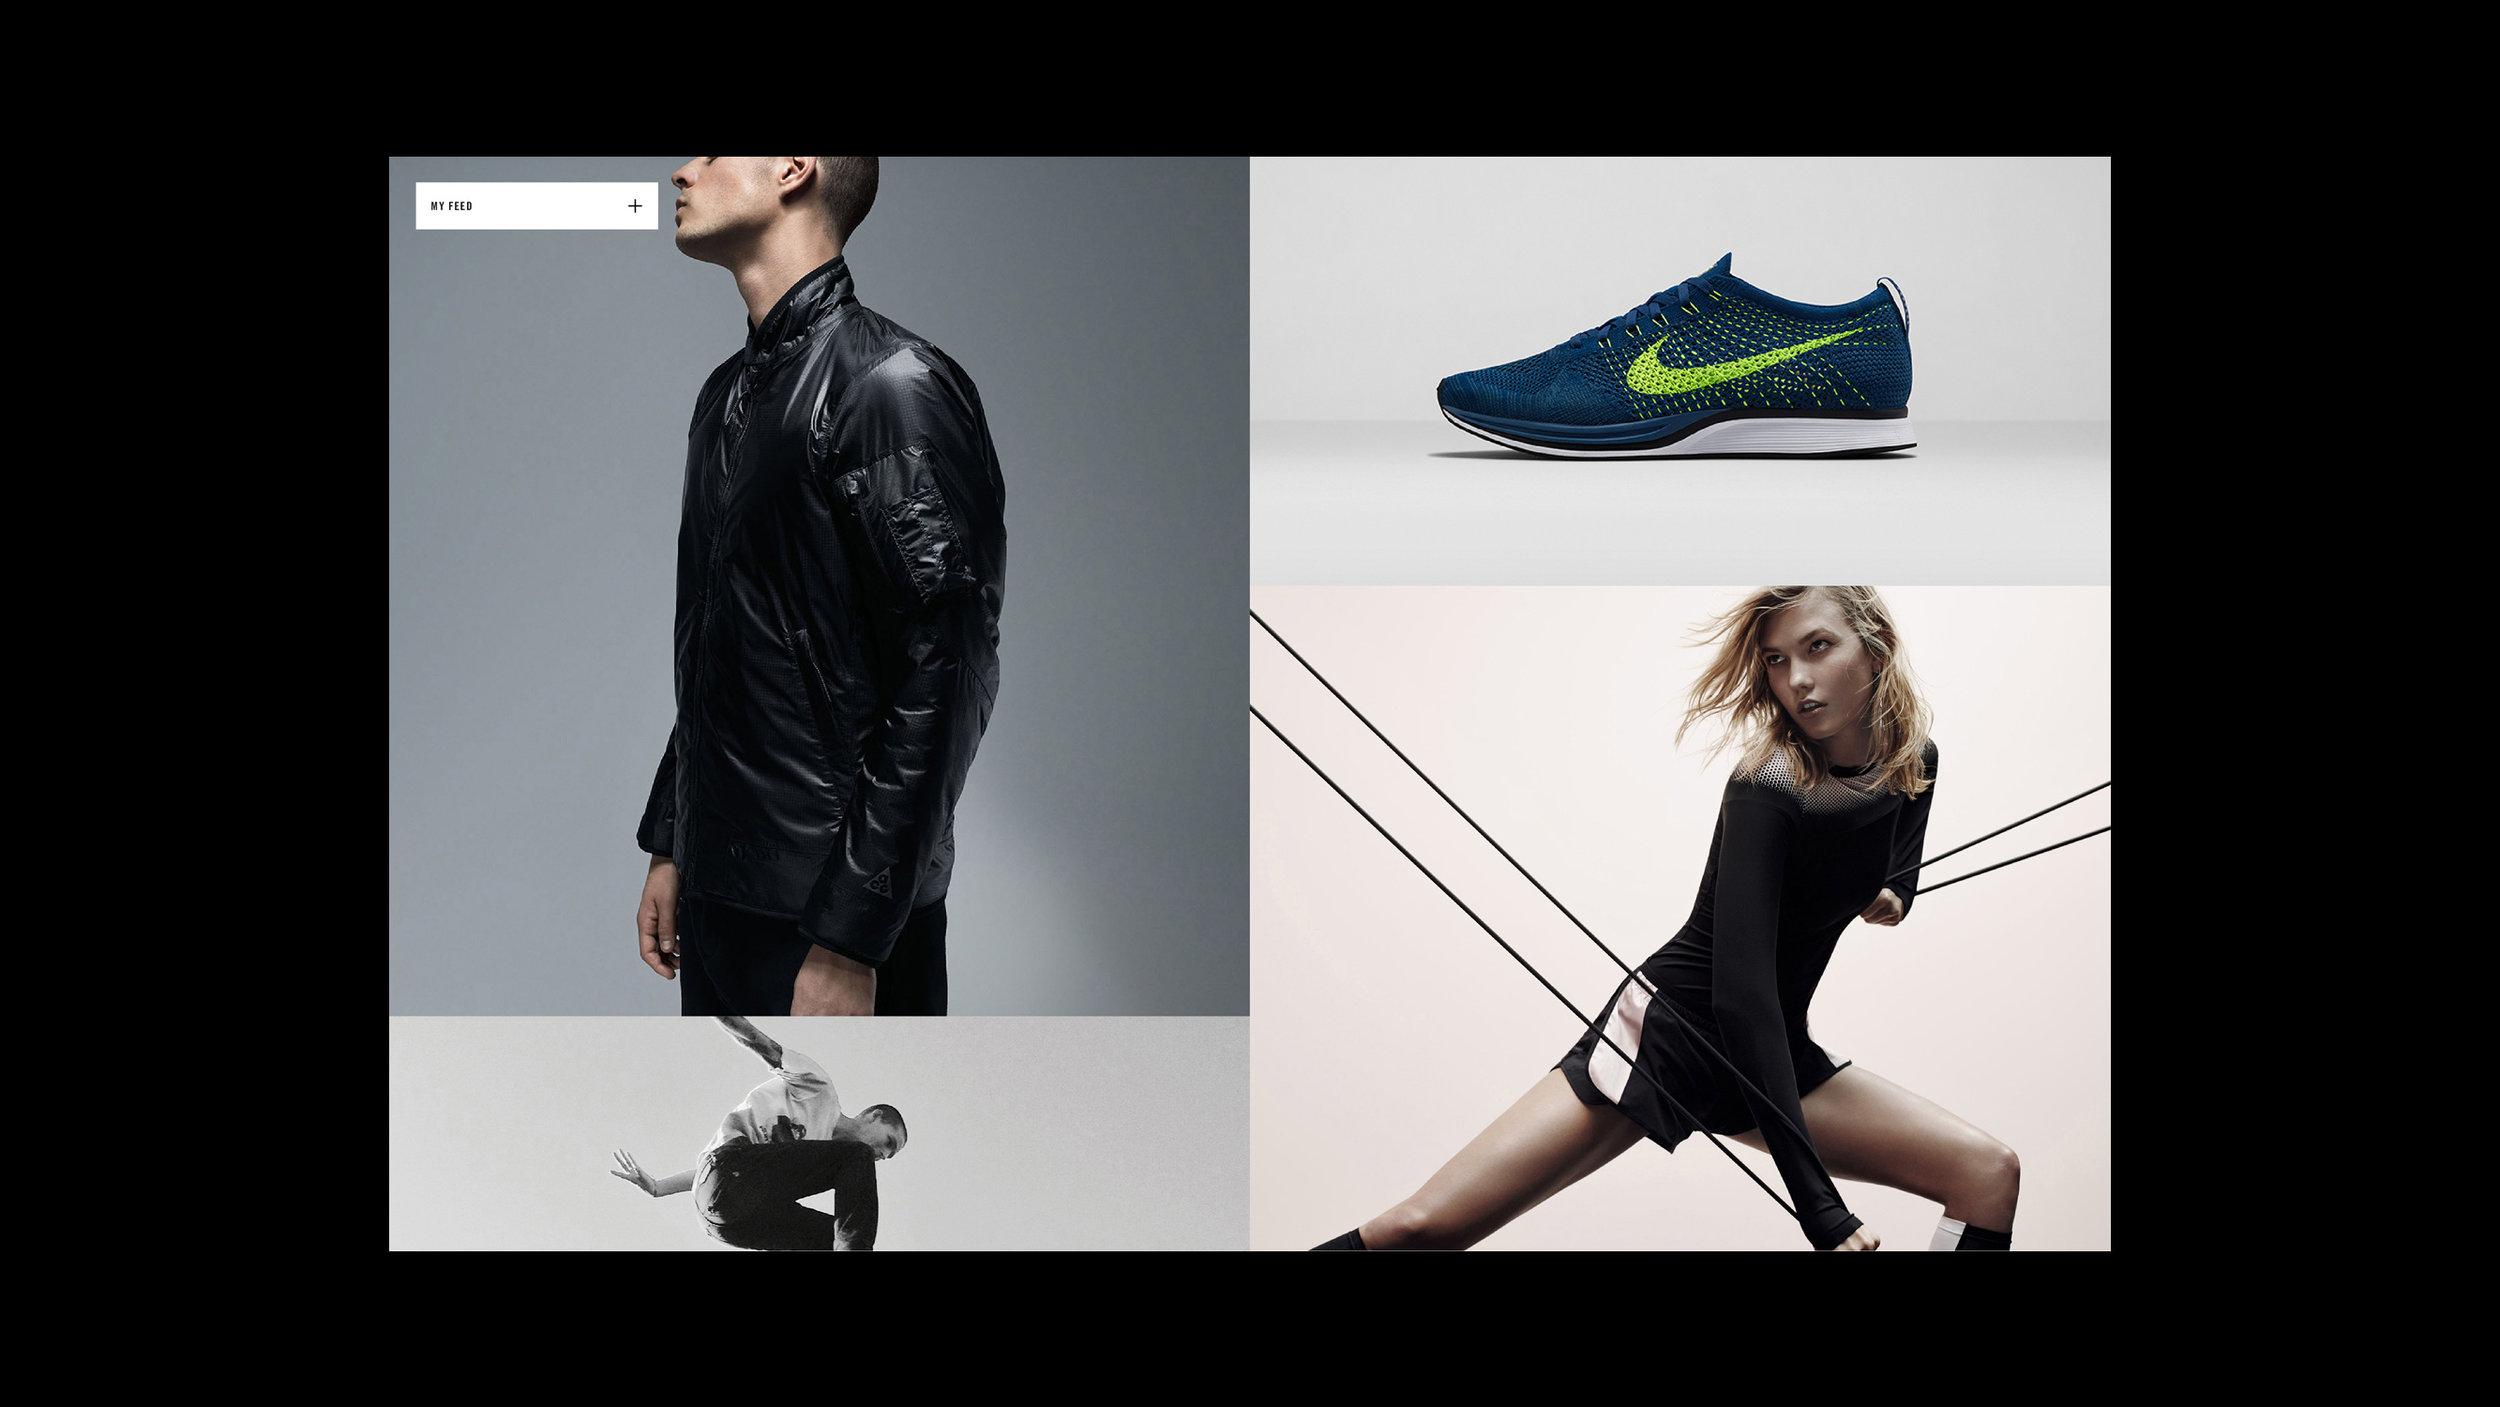 Nike_000003.jpg